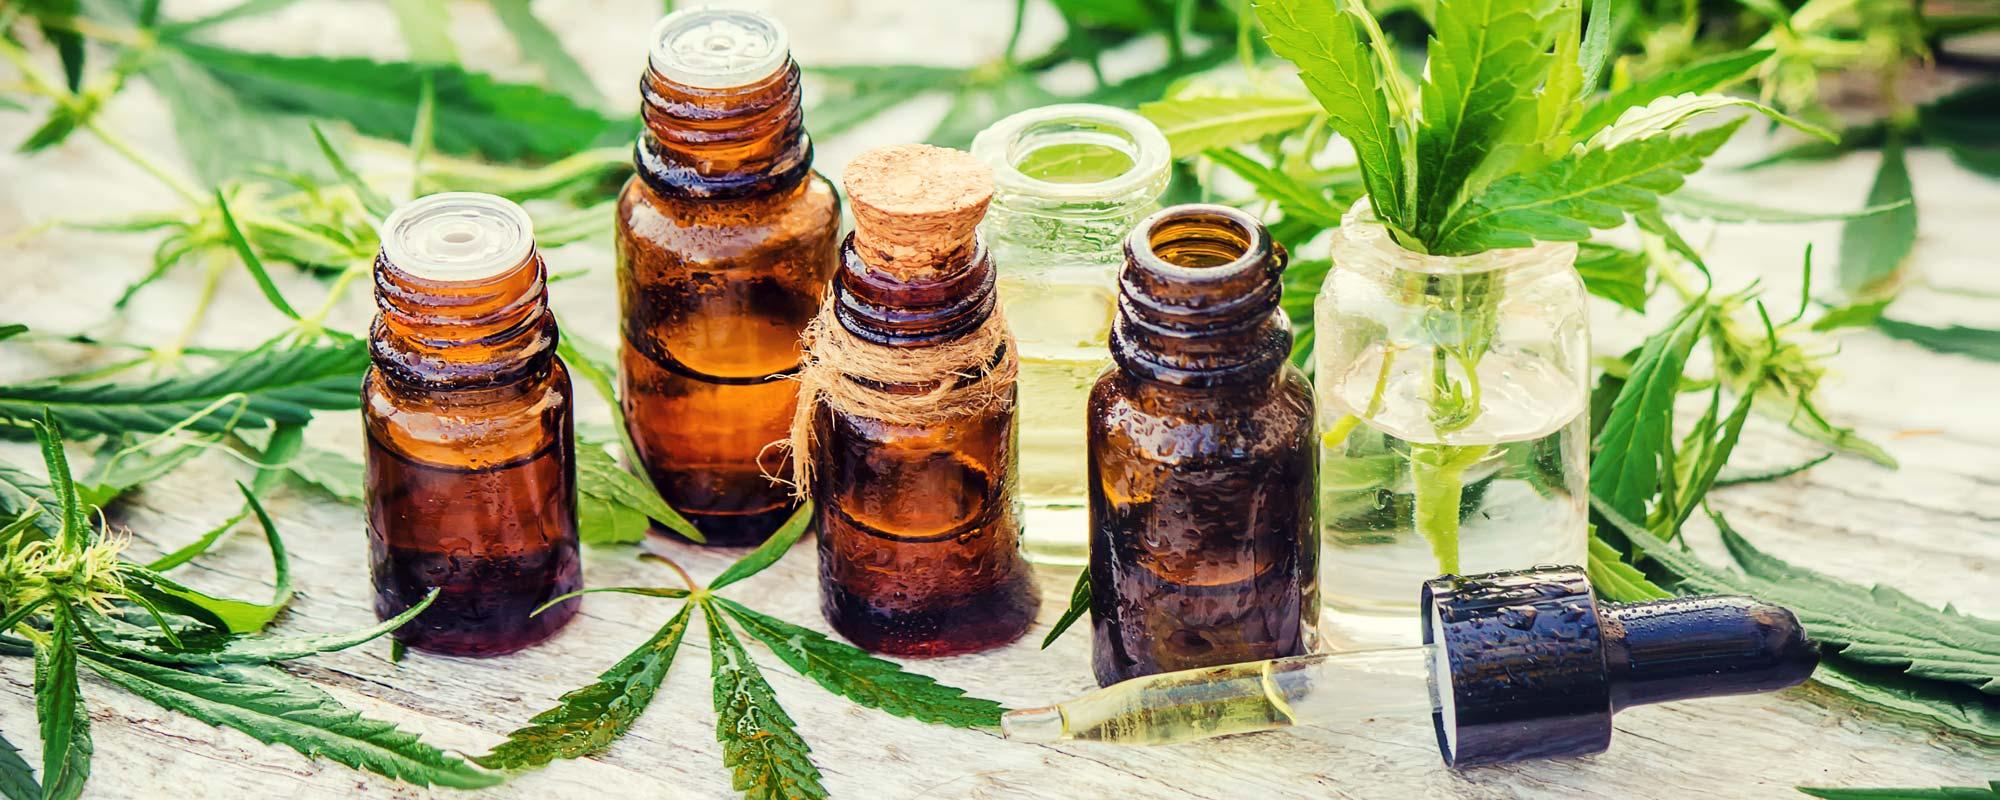 pharmazeutisches Cannabis Öl